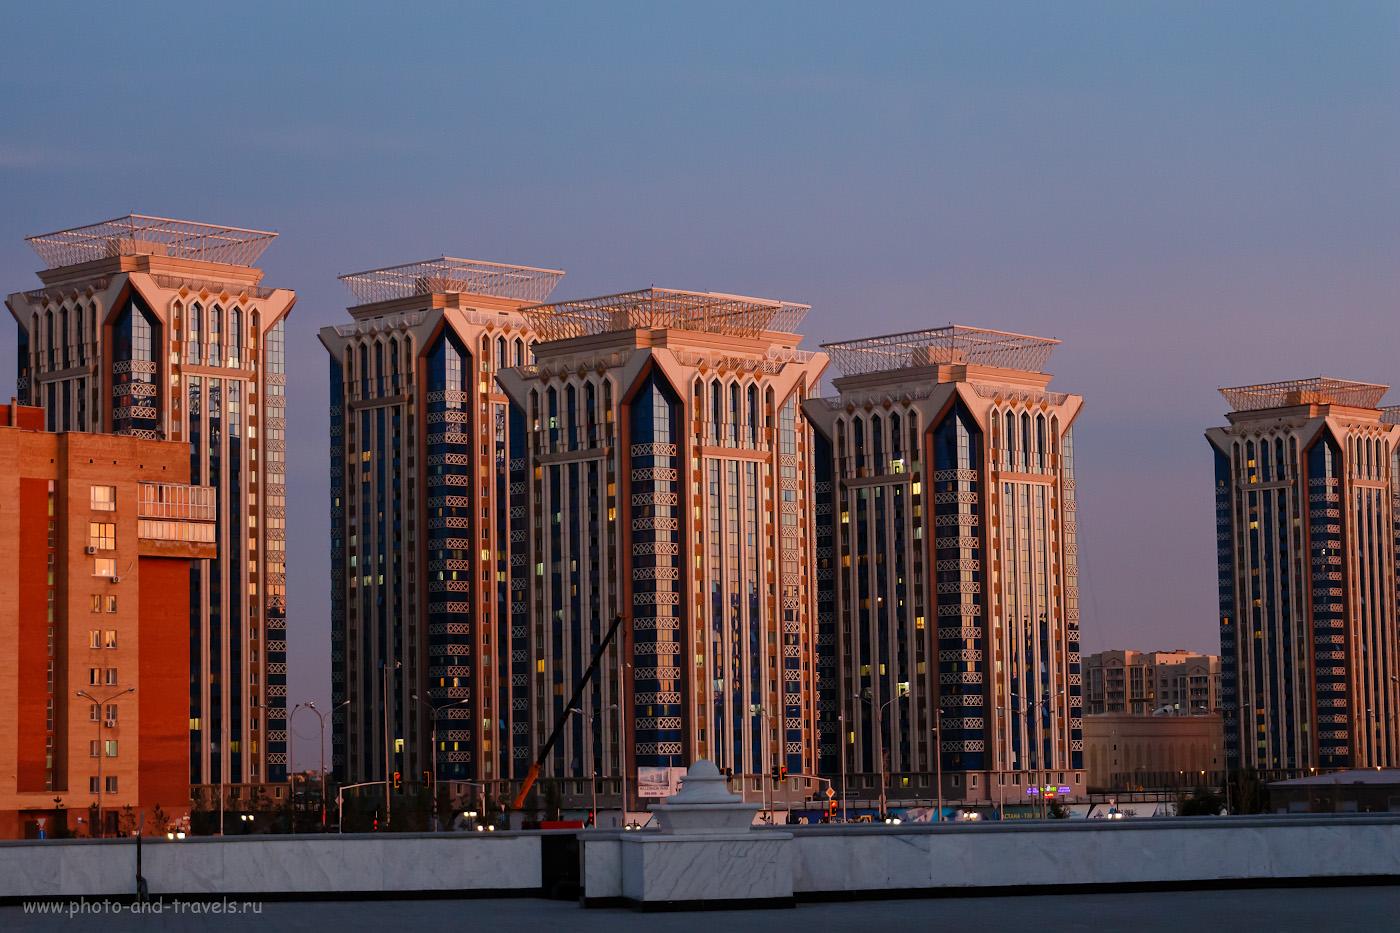 Фото 31. Вид на жилой комплекс «Millennium park» от мечети «Хазрет Султан» в Астане. 1/25, -0.3, 5, 800, 50.